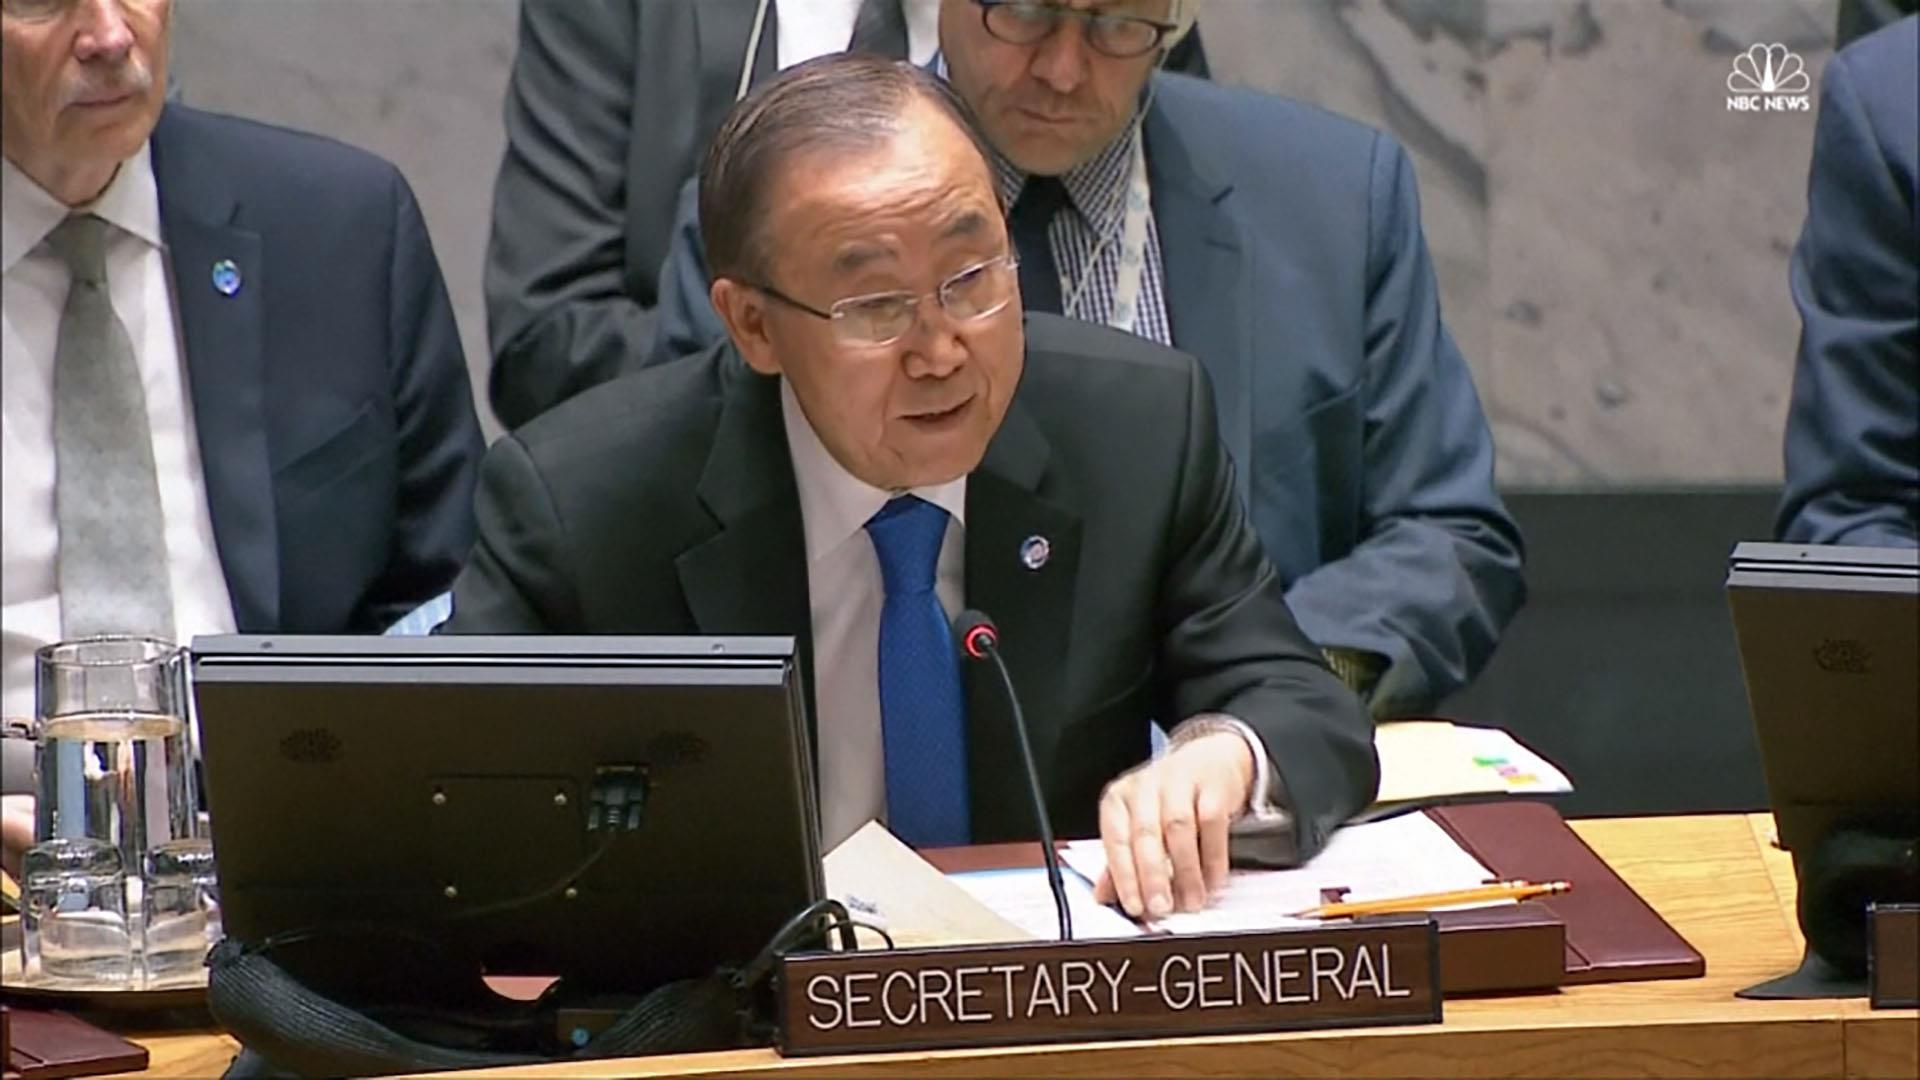 Ban Ki-moon: Aleppo Worse Than a Slaughterhouse